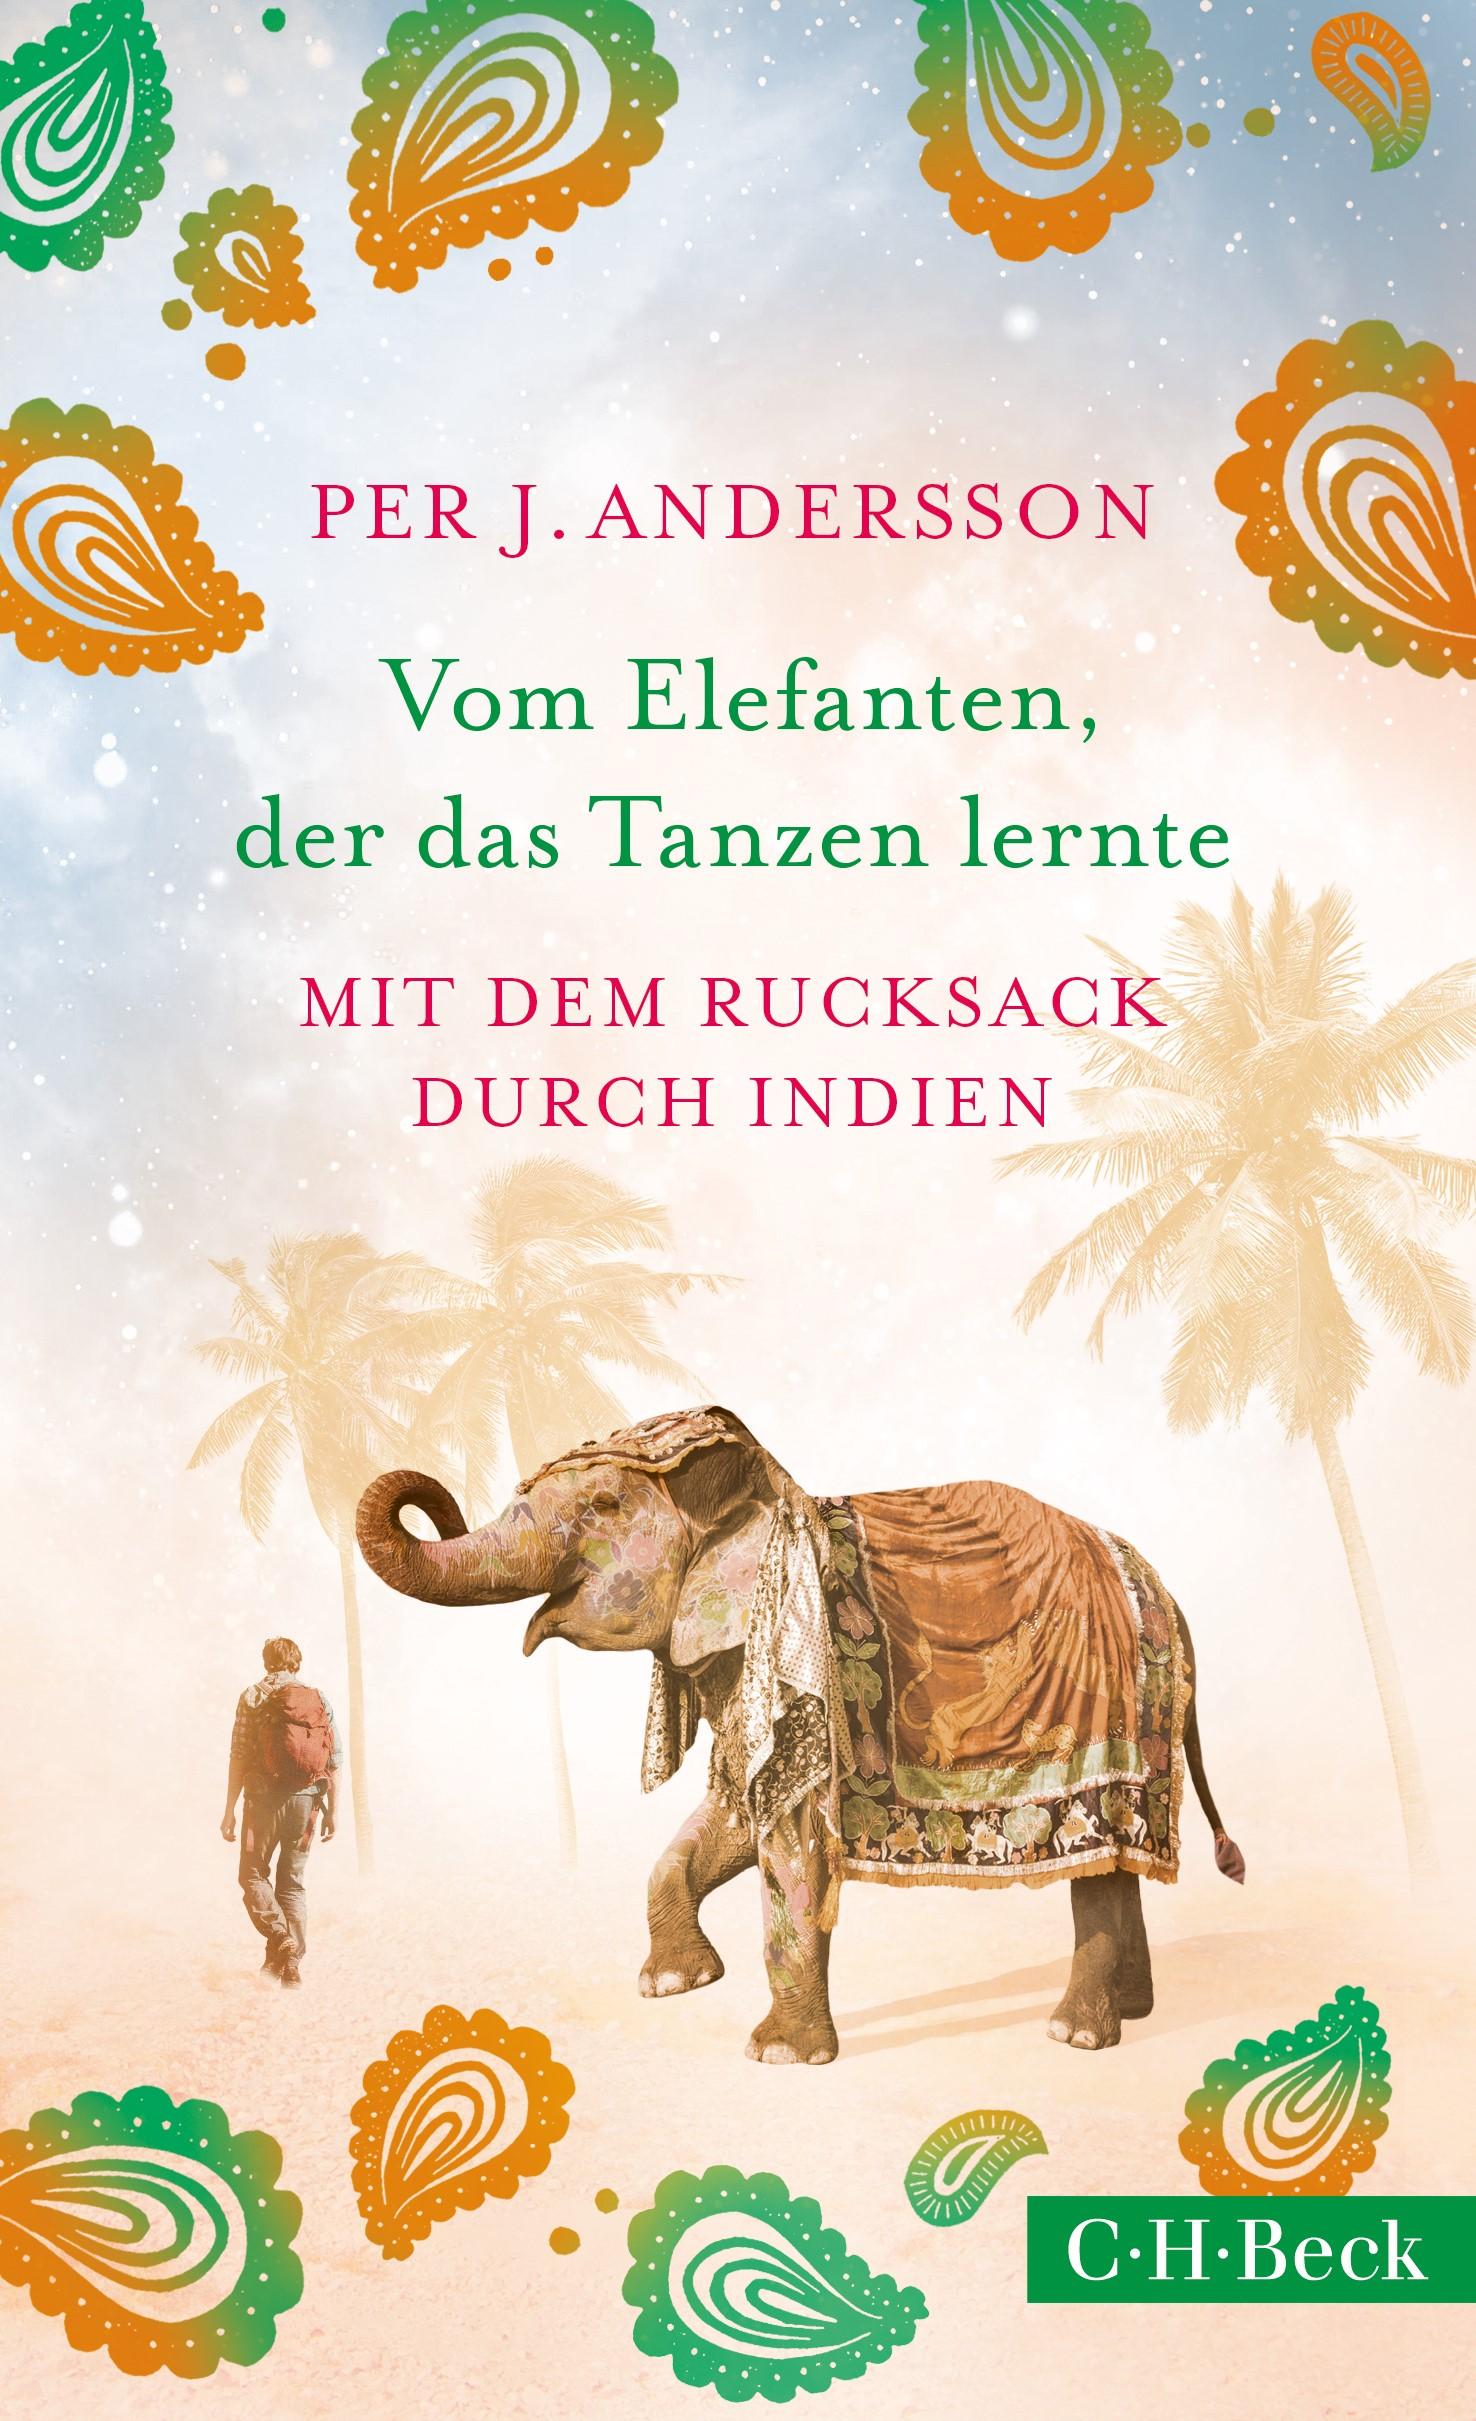 Vom Elefanten, der das Tanzen lernte | Andersson, Per J., 2019 | Buch (Cover)